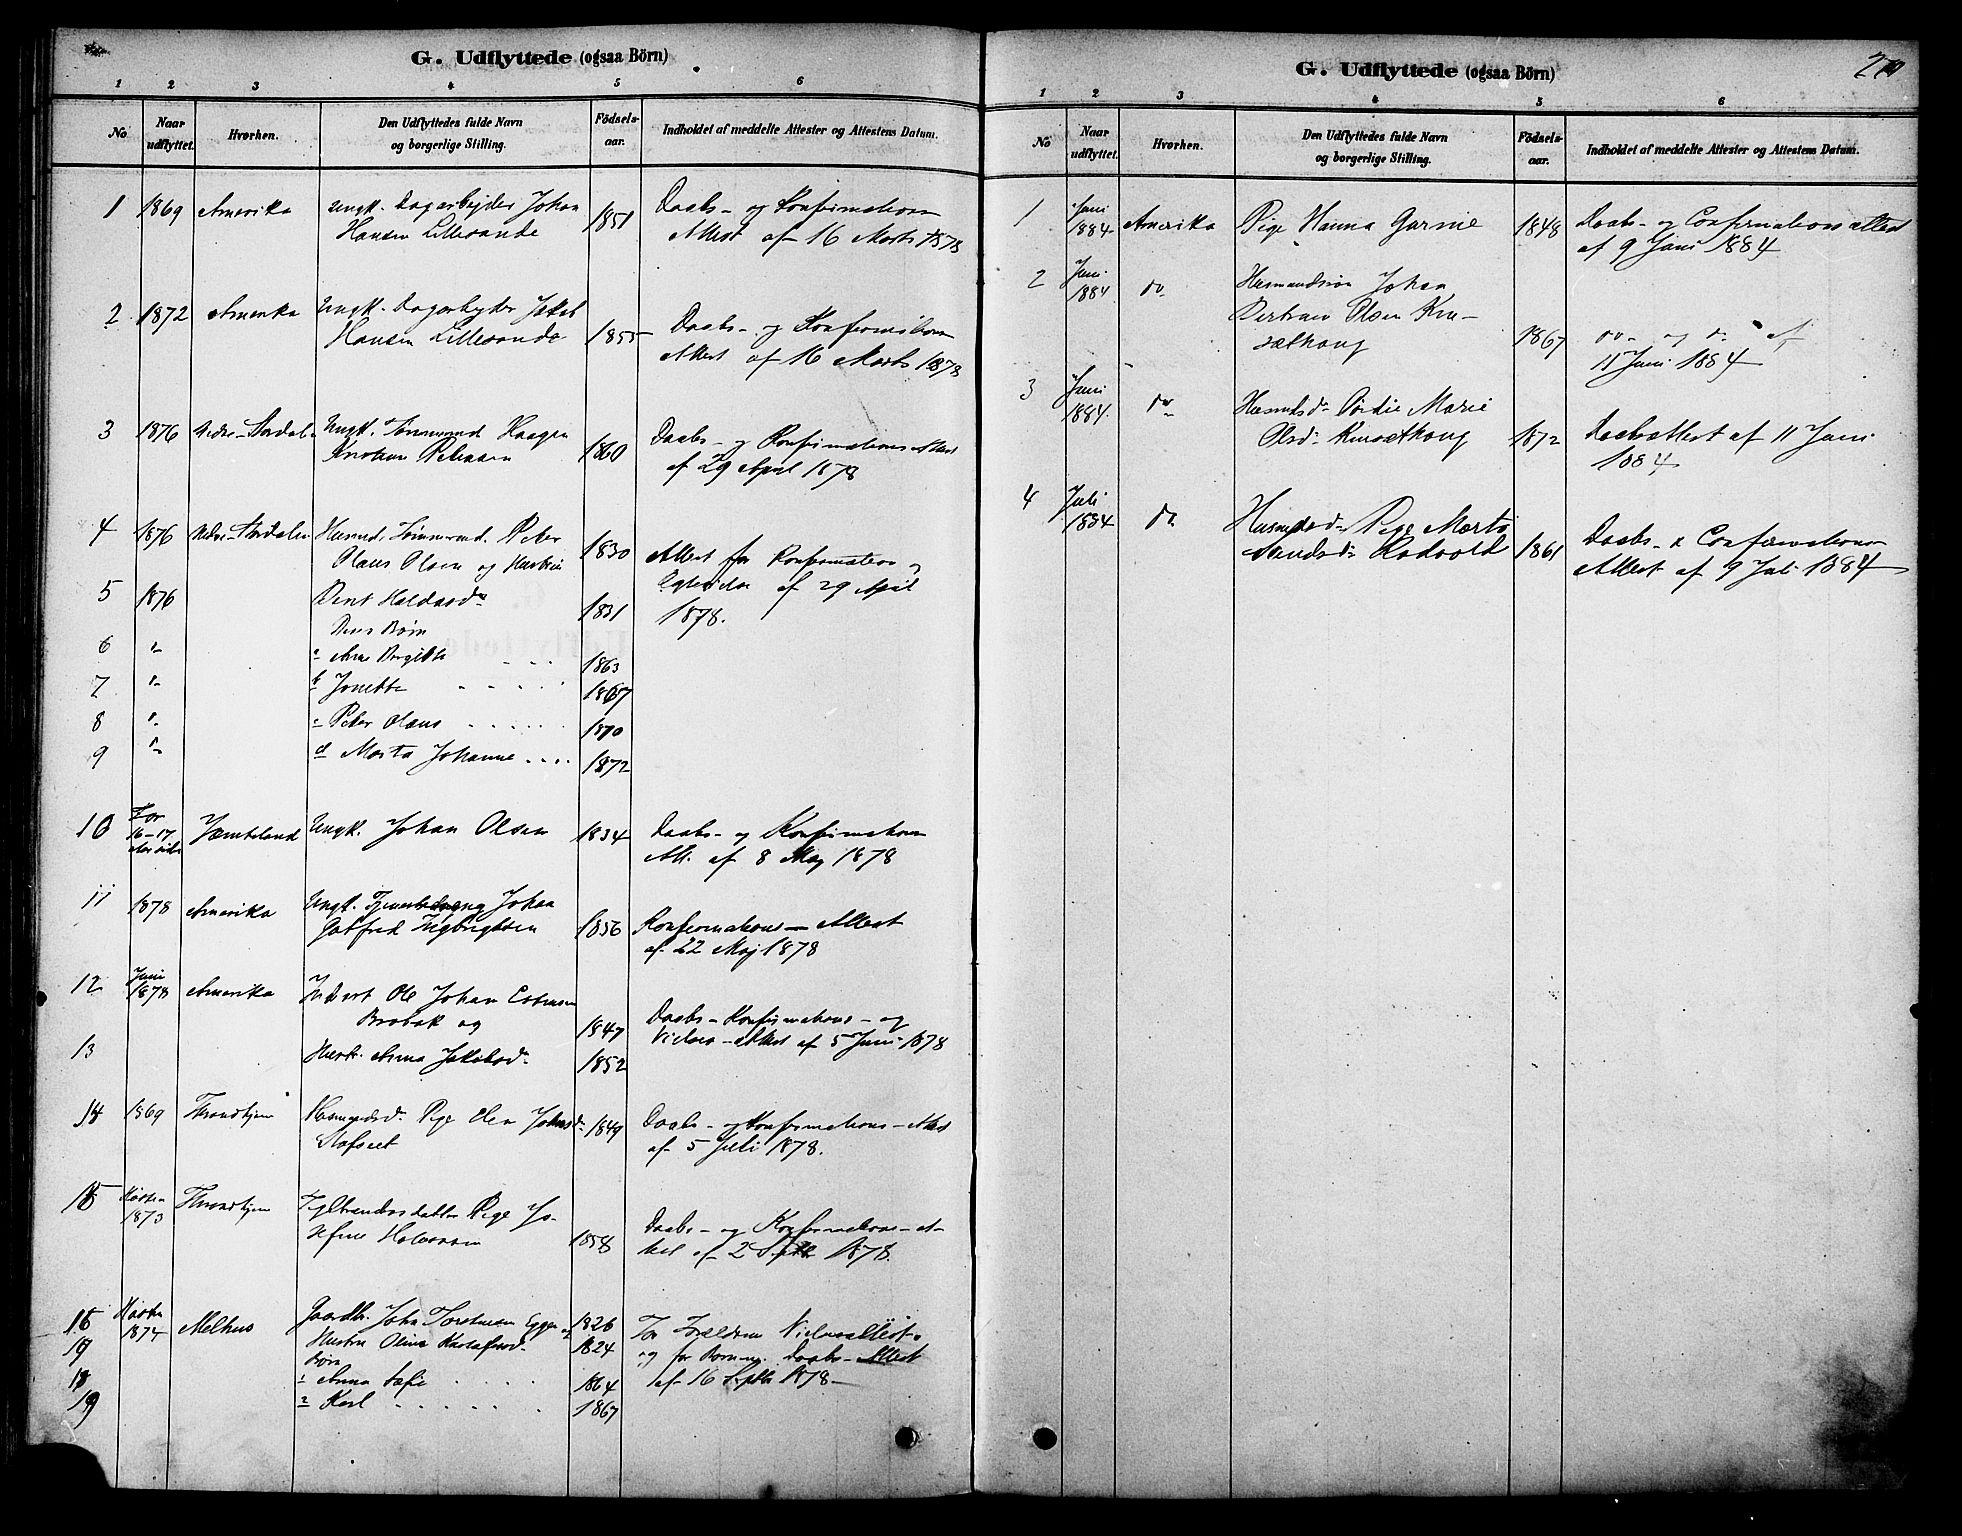 SAT, Ministerialprotokoller, klokkerbøker og fødselsregistre - Sør-Trøndelag, 616/L0410: Ministerialbok nr. 616A07, 1878-1893, s. 270